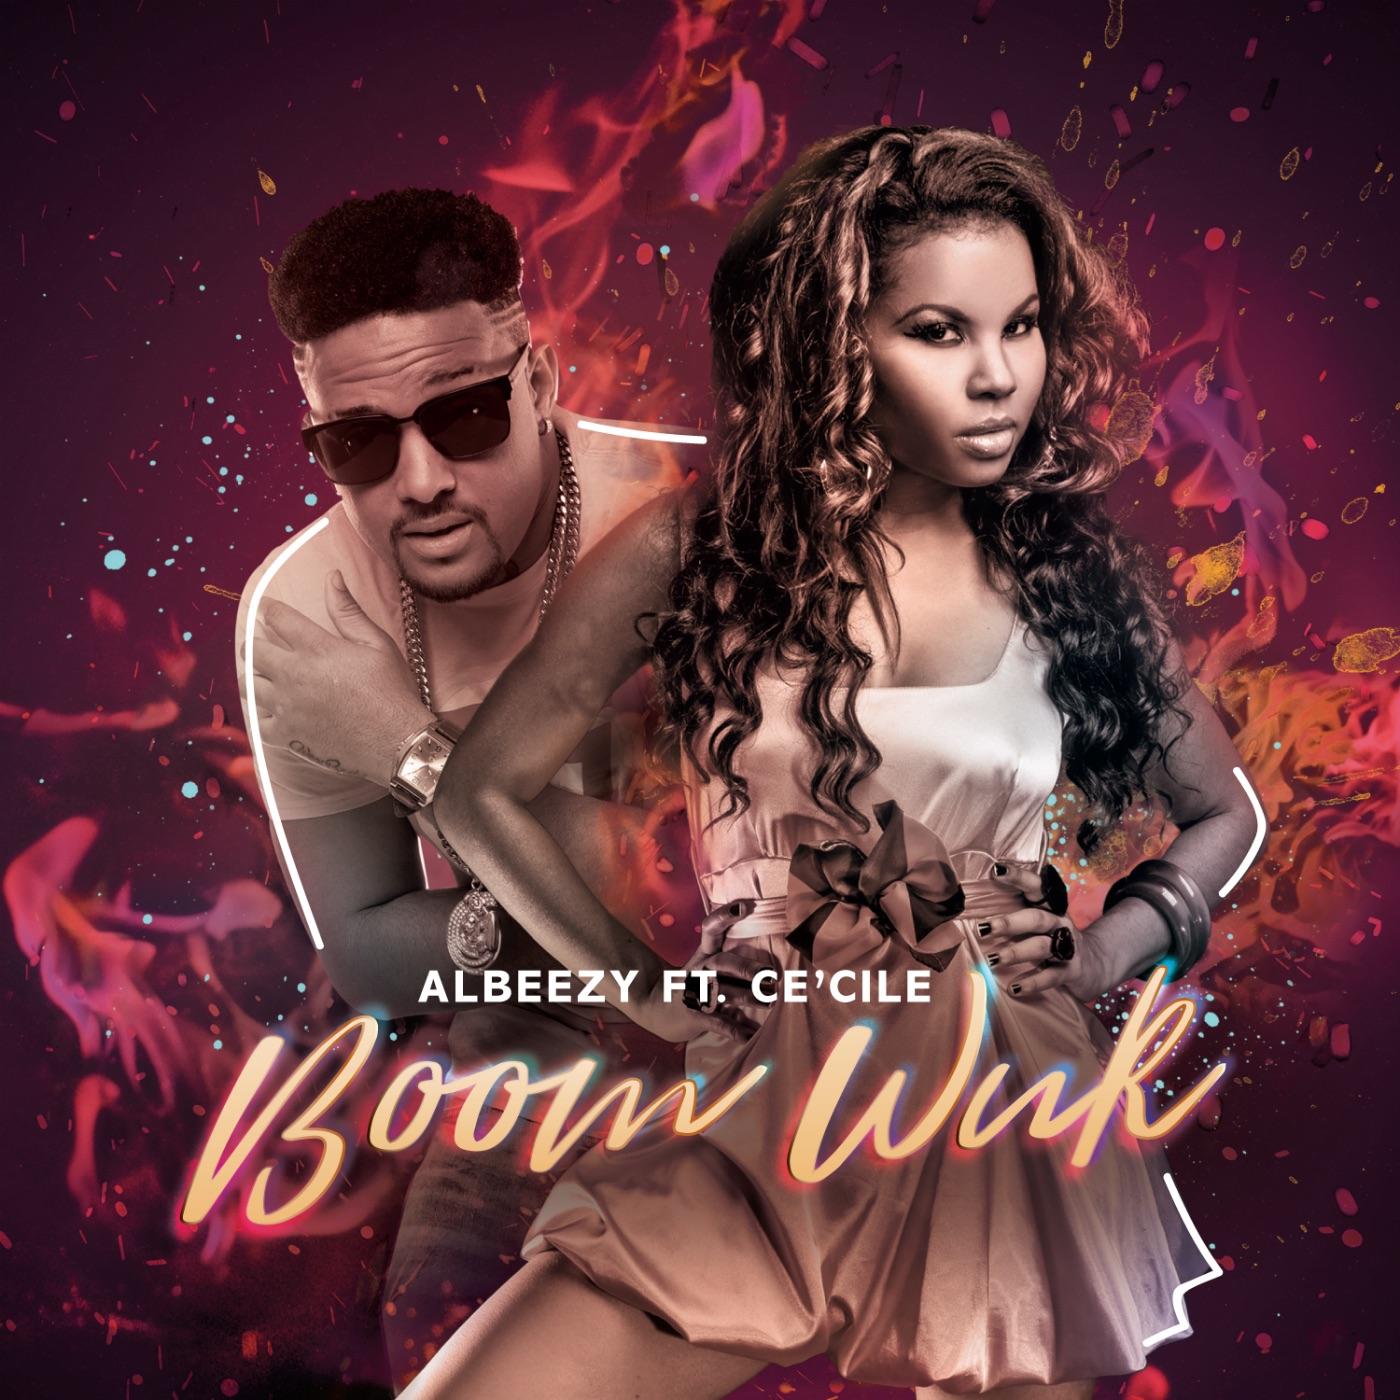 Albeezy - Boom Wuk ft. Cecile